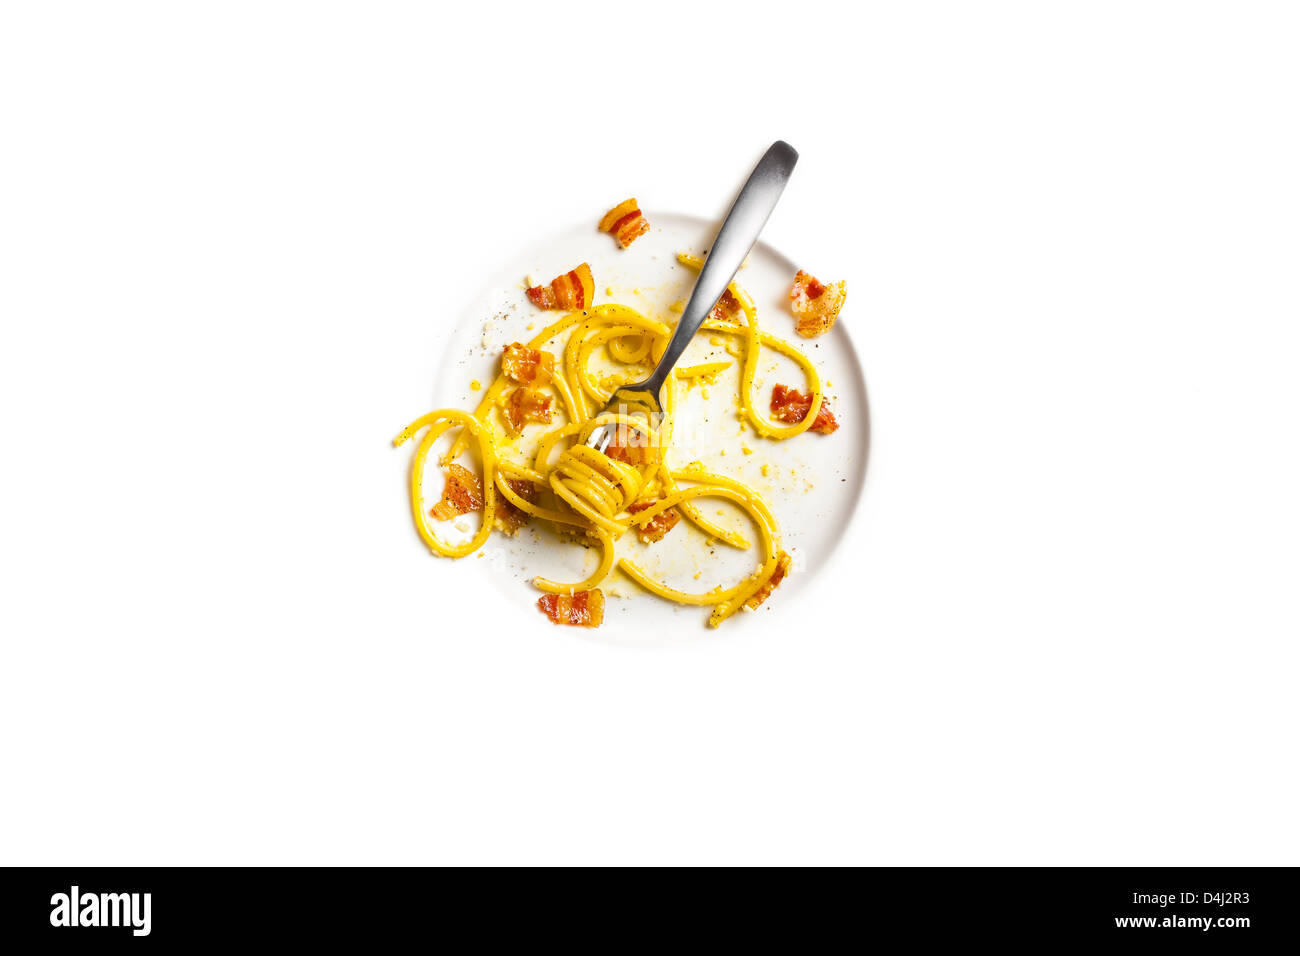 Bucatini con uovo, pecorino e pancetta croccante - Bucatini pasta with egg, pecorino cheese and crispy pancetta - Stock Image